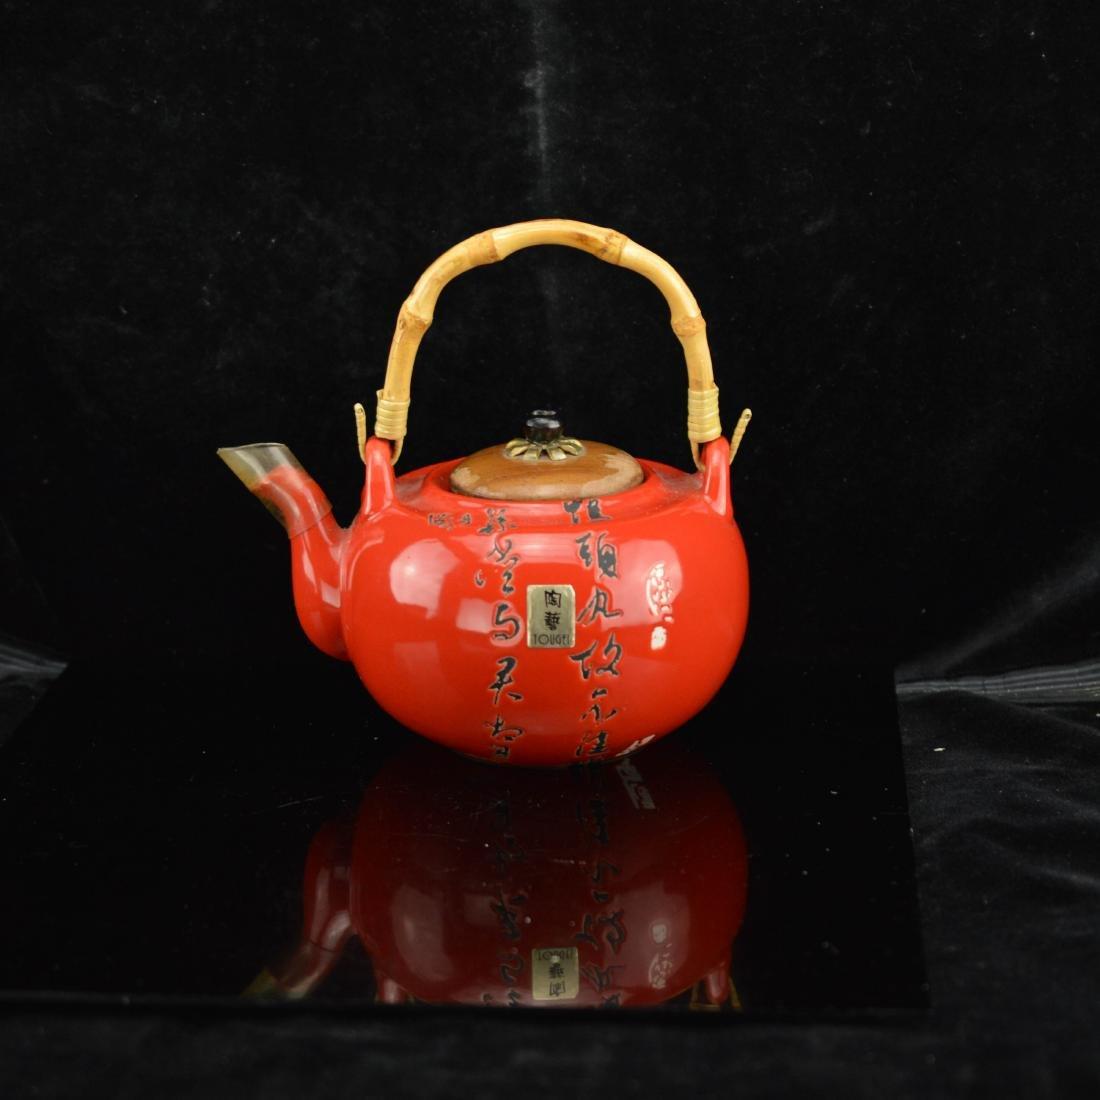 Red glazed teapot